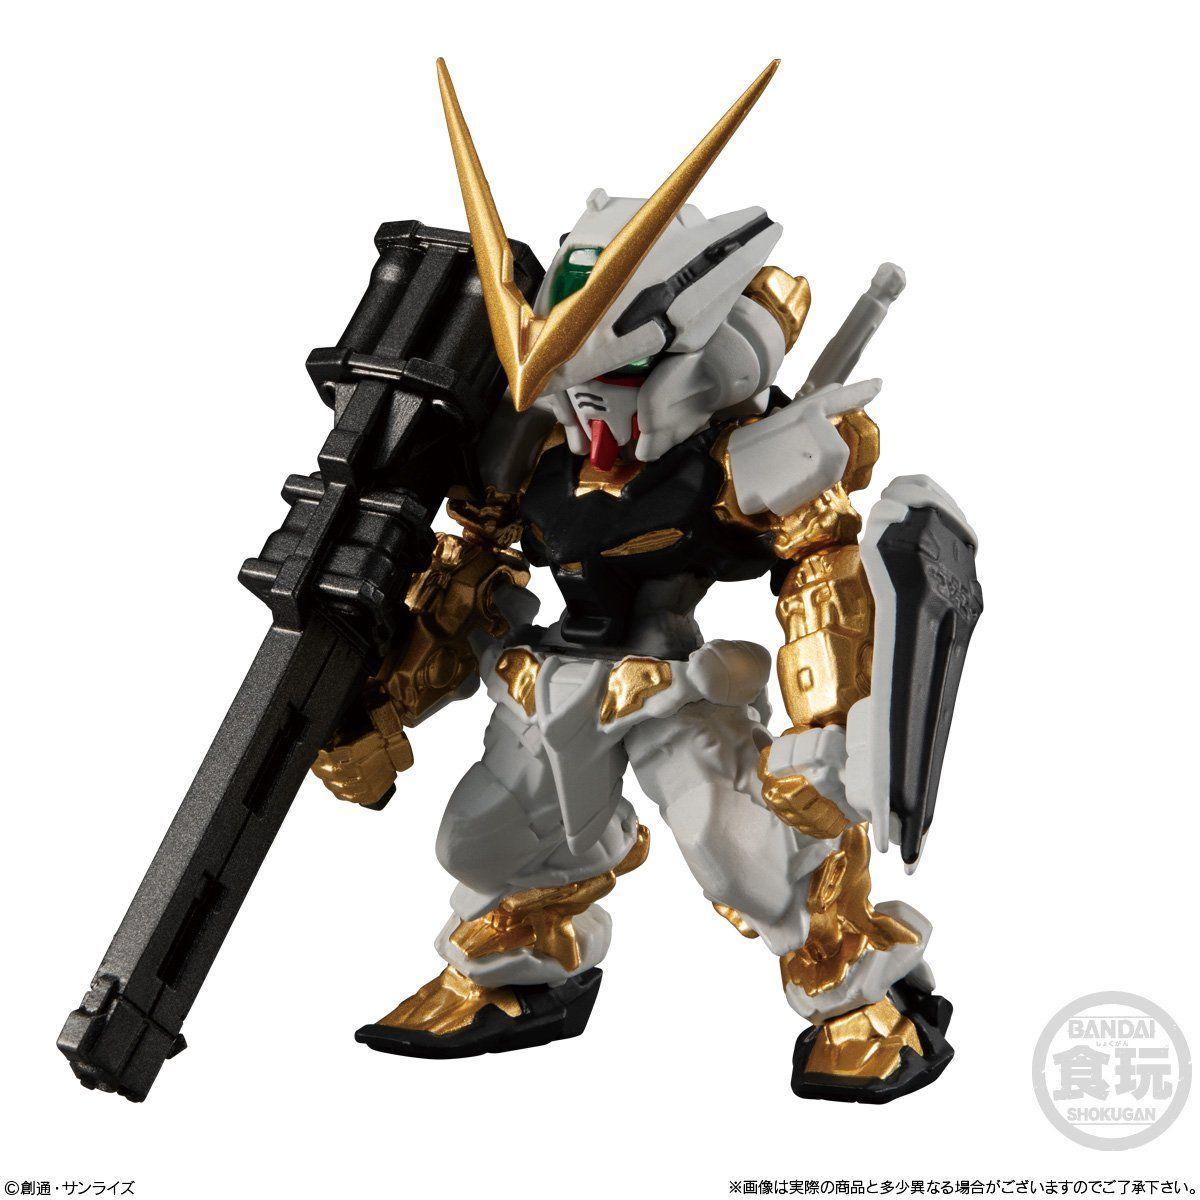 【食玩】機動戦士ガンダム『FW GUNDAM CONVERGE GOLD EDITION』デフォルメフィギュア 8個入りBOX-002